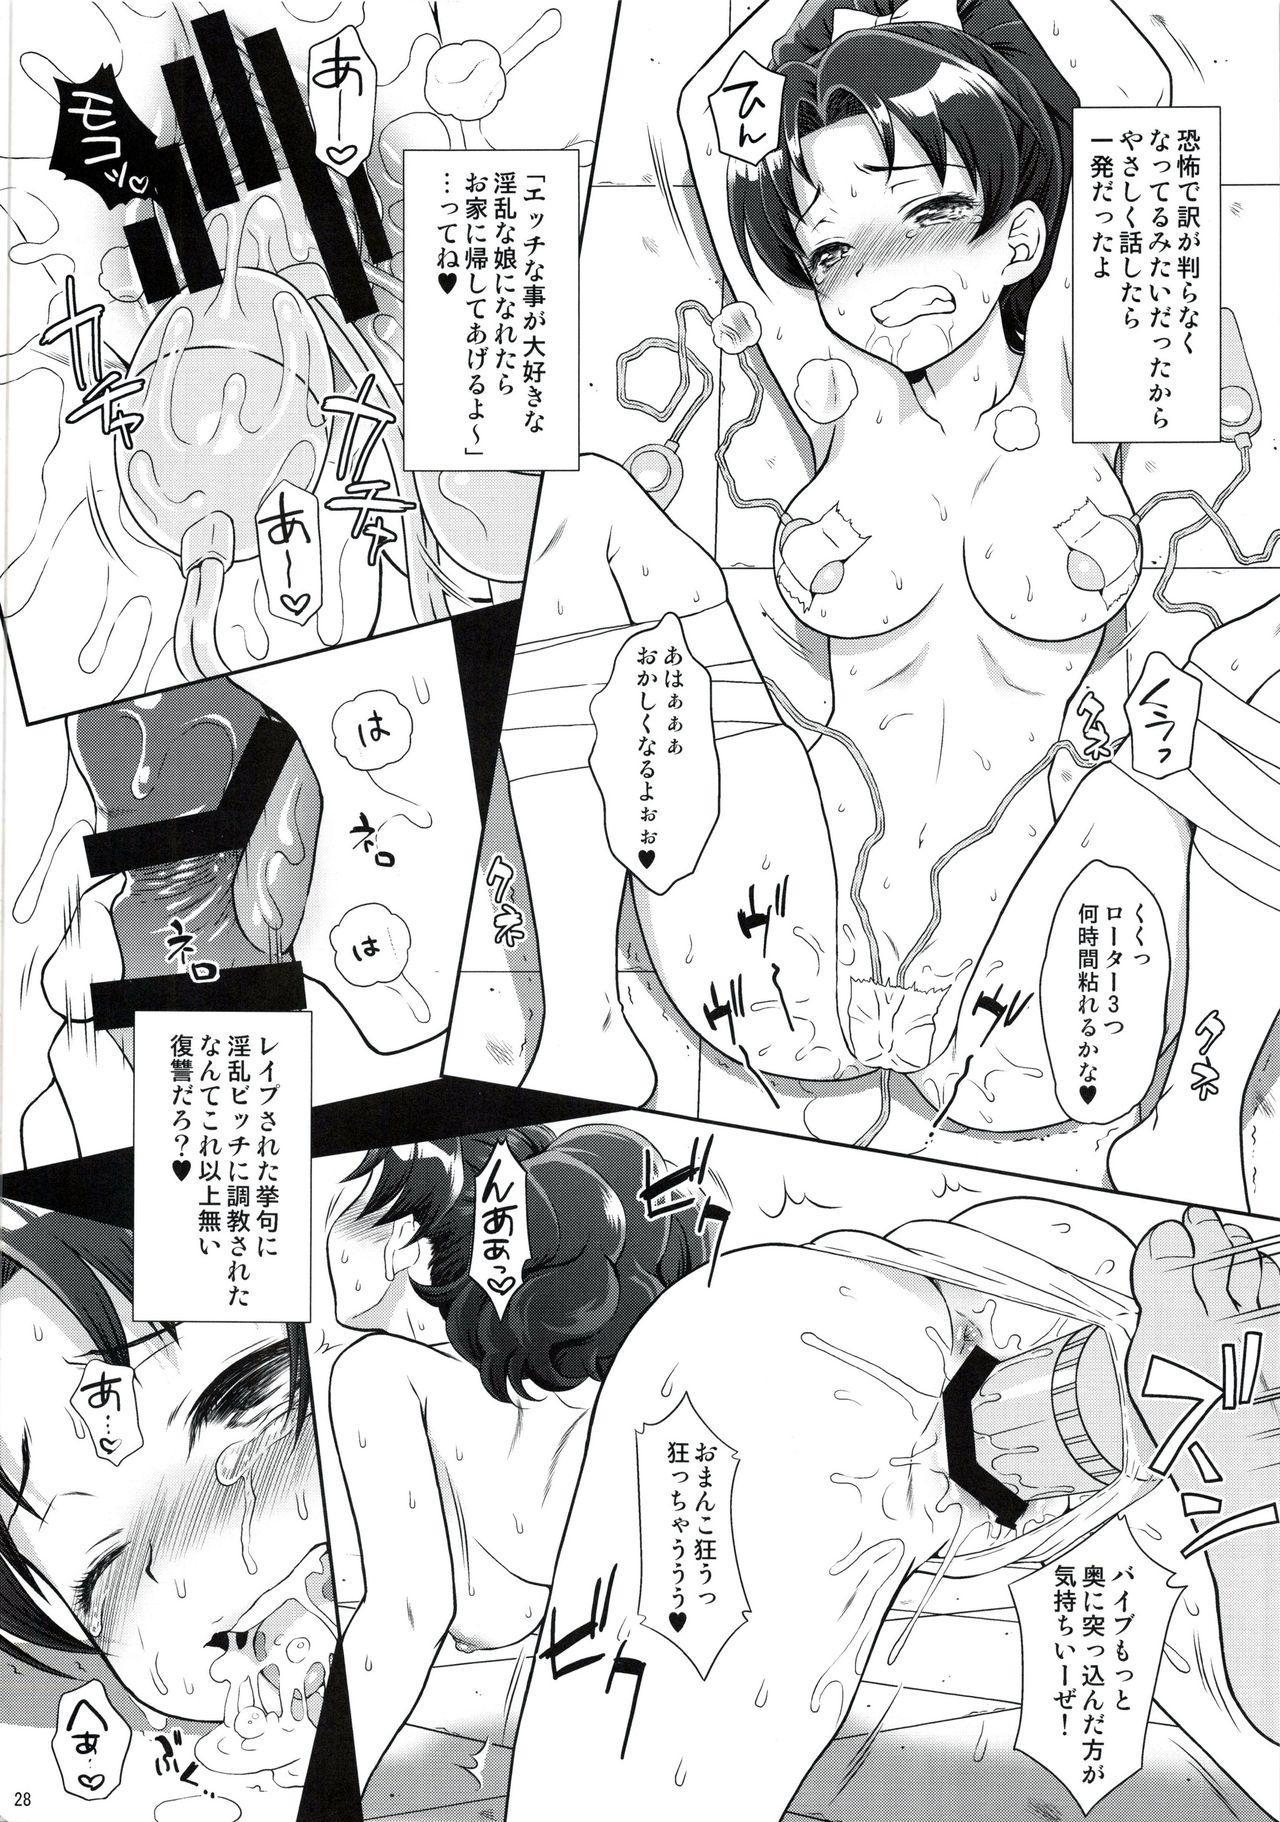 AO o Yuukai Ryoujoku 26